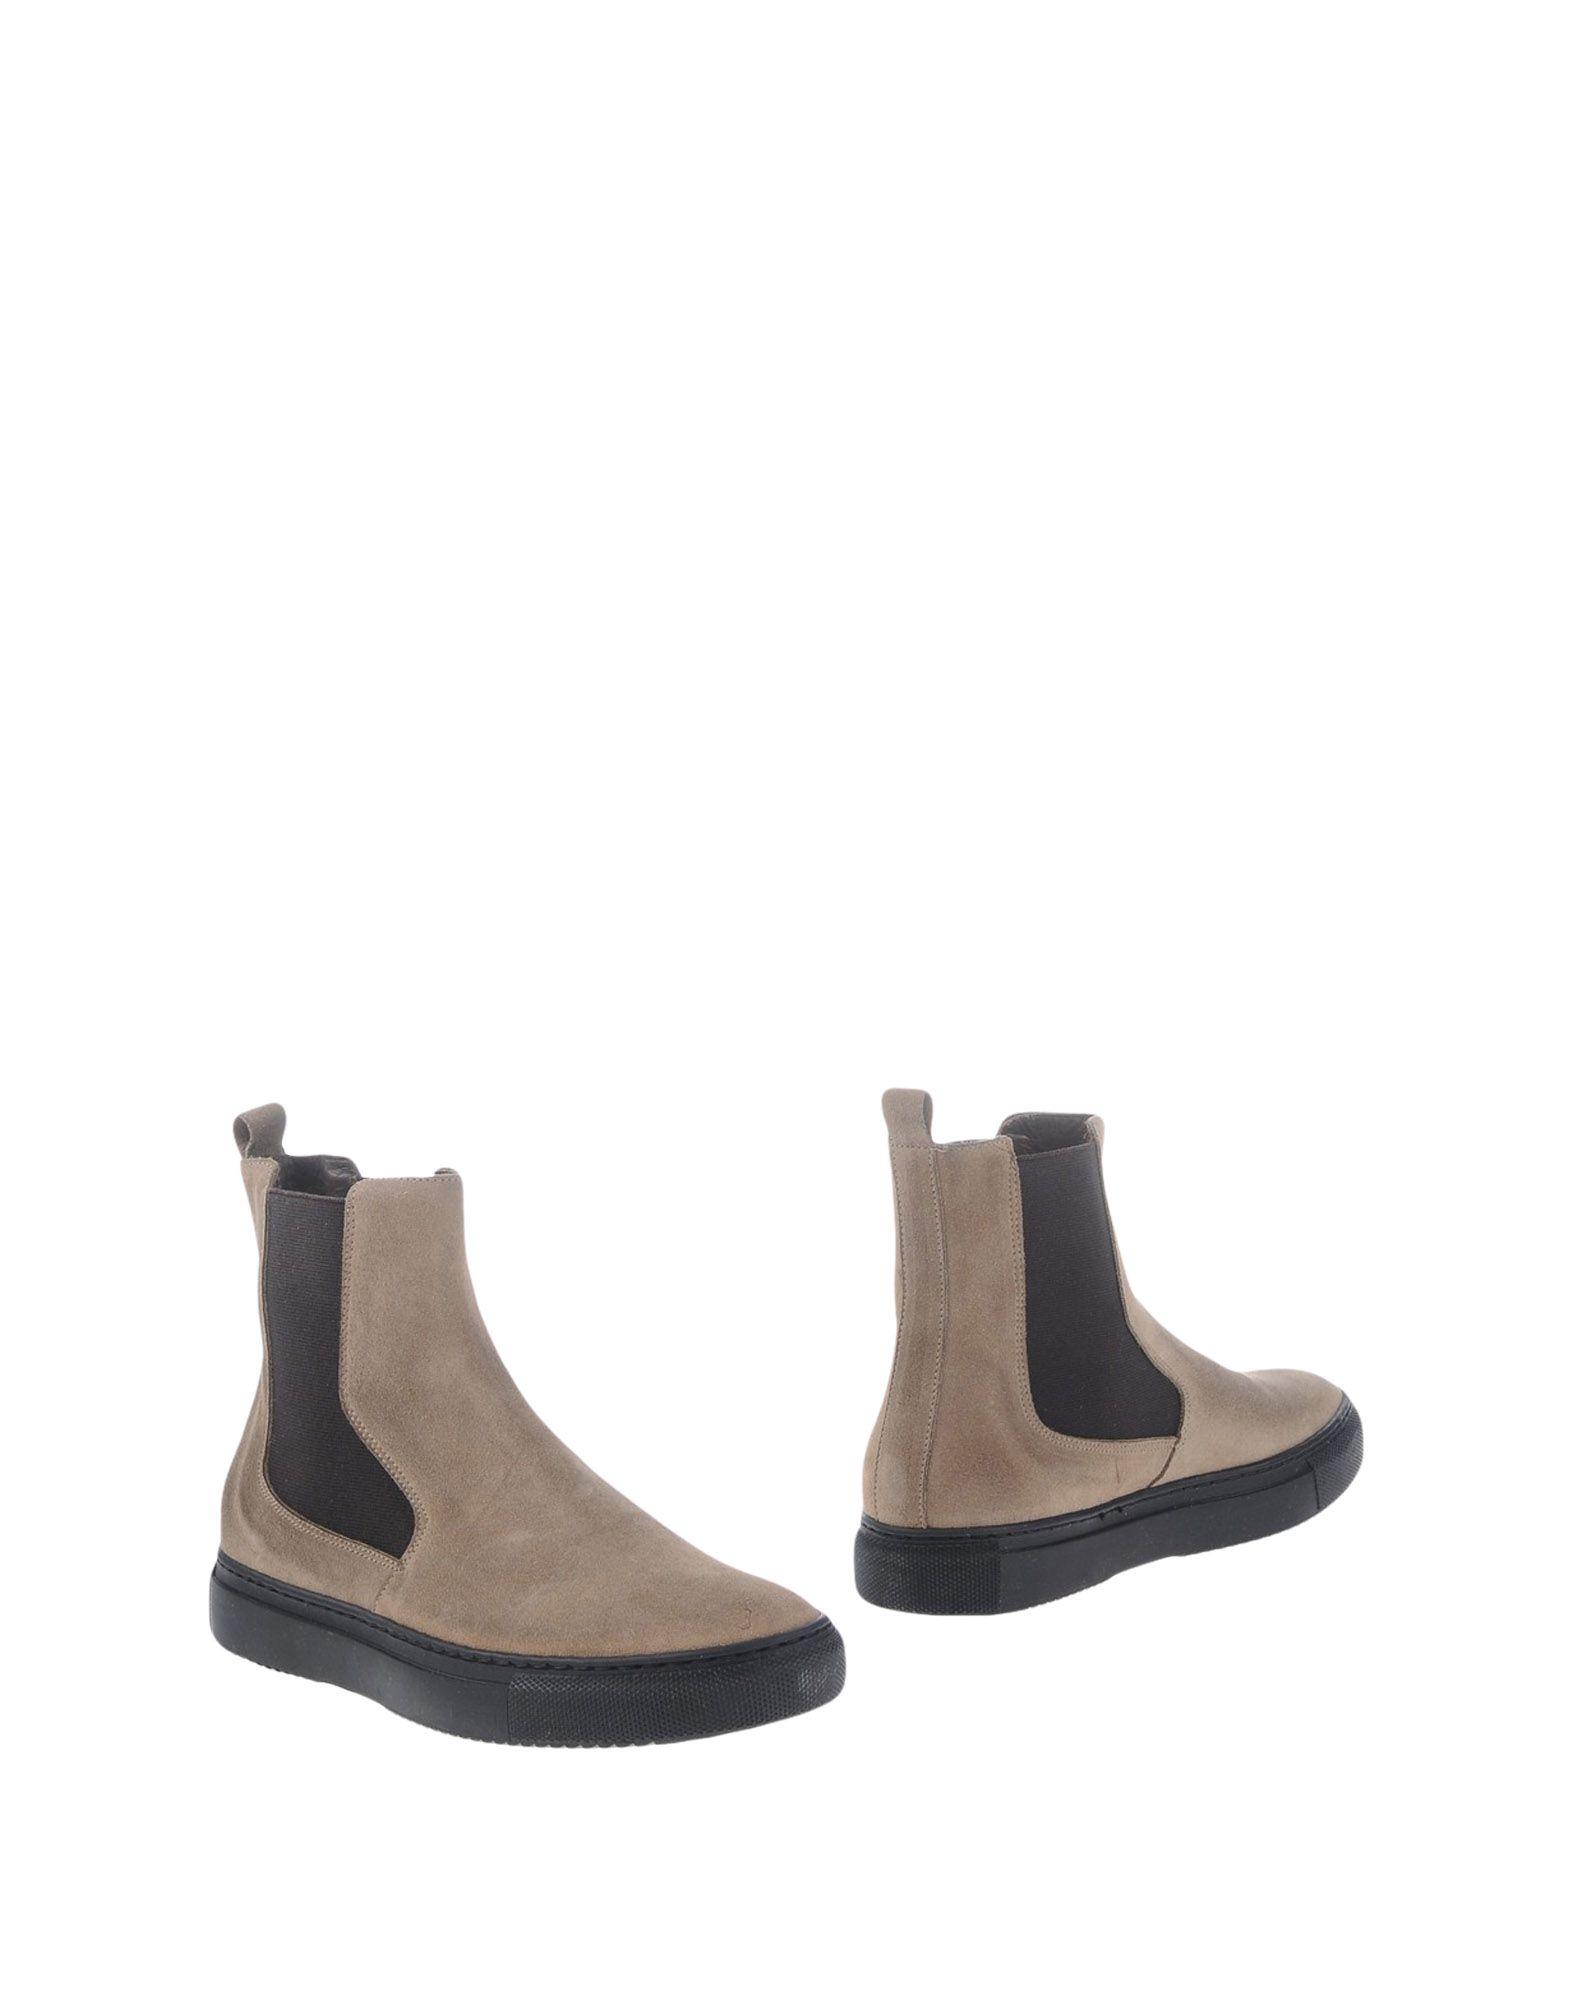 STELE Полусапоги и высокие ботинки купить футбольную форму челси торрес